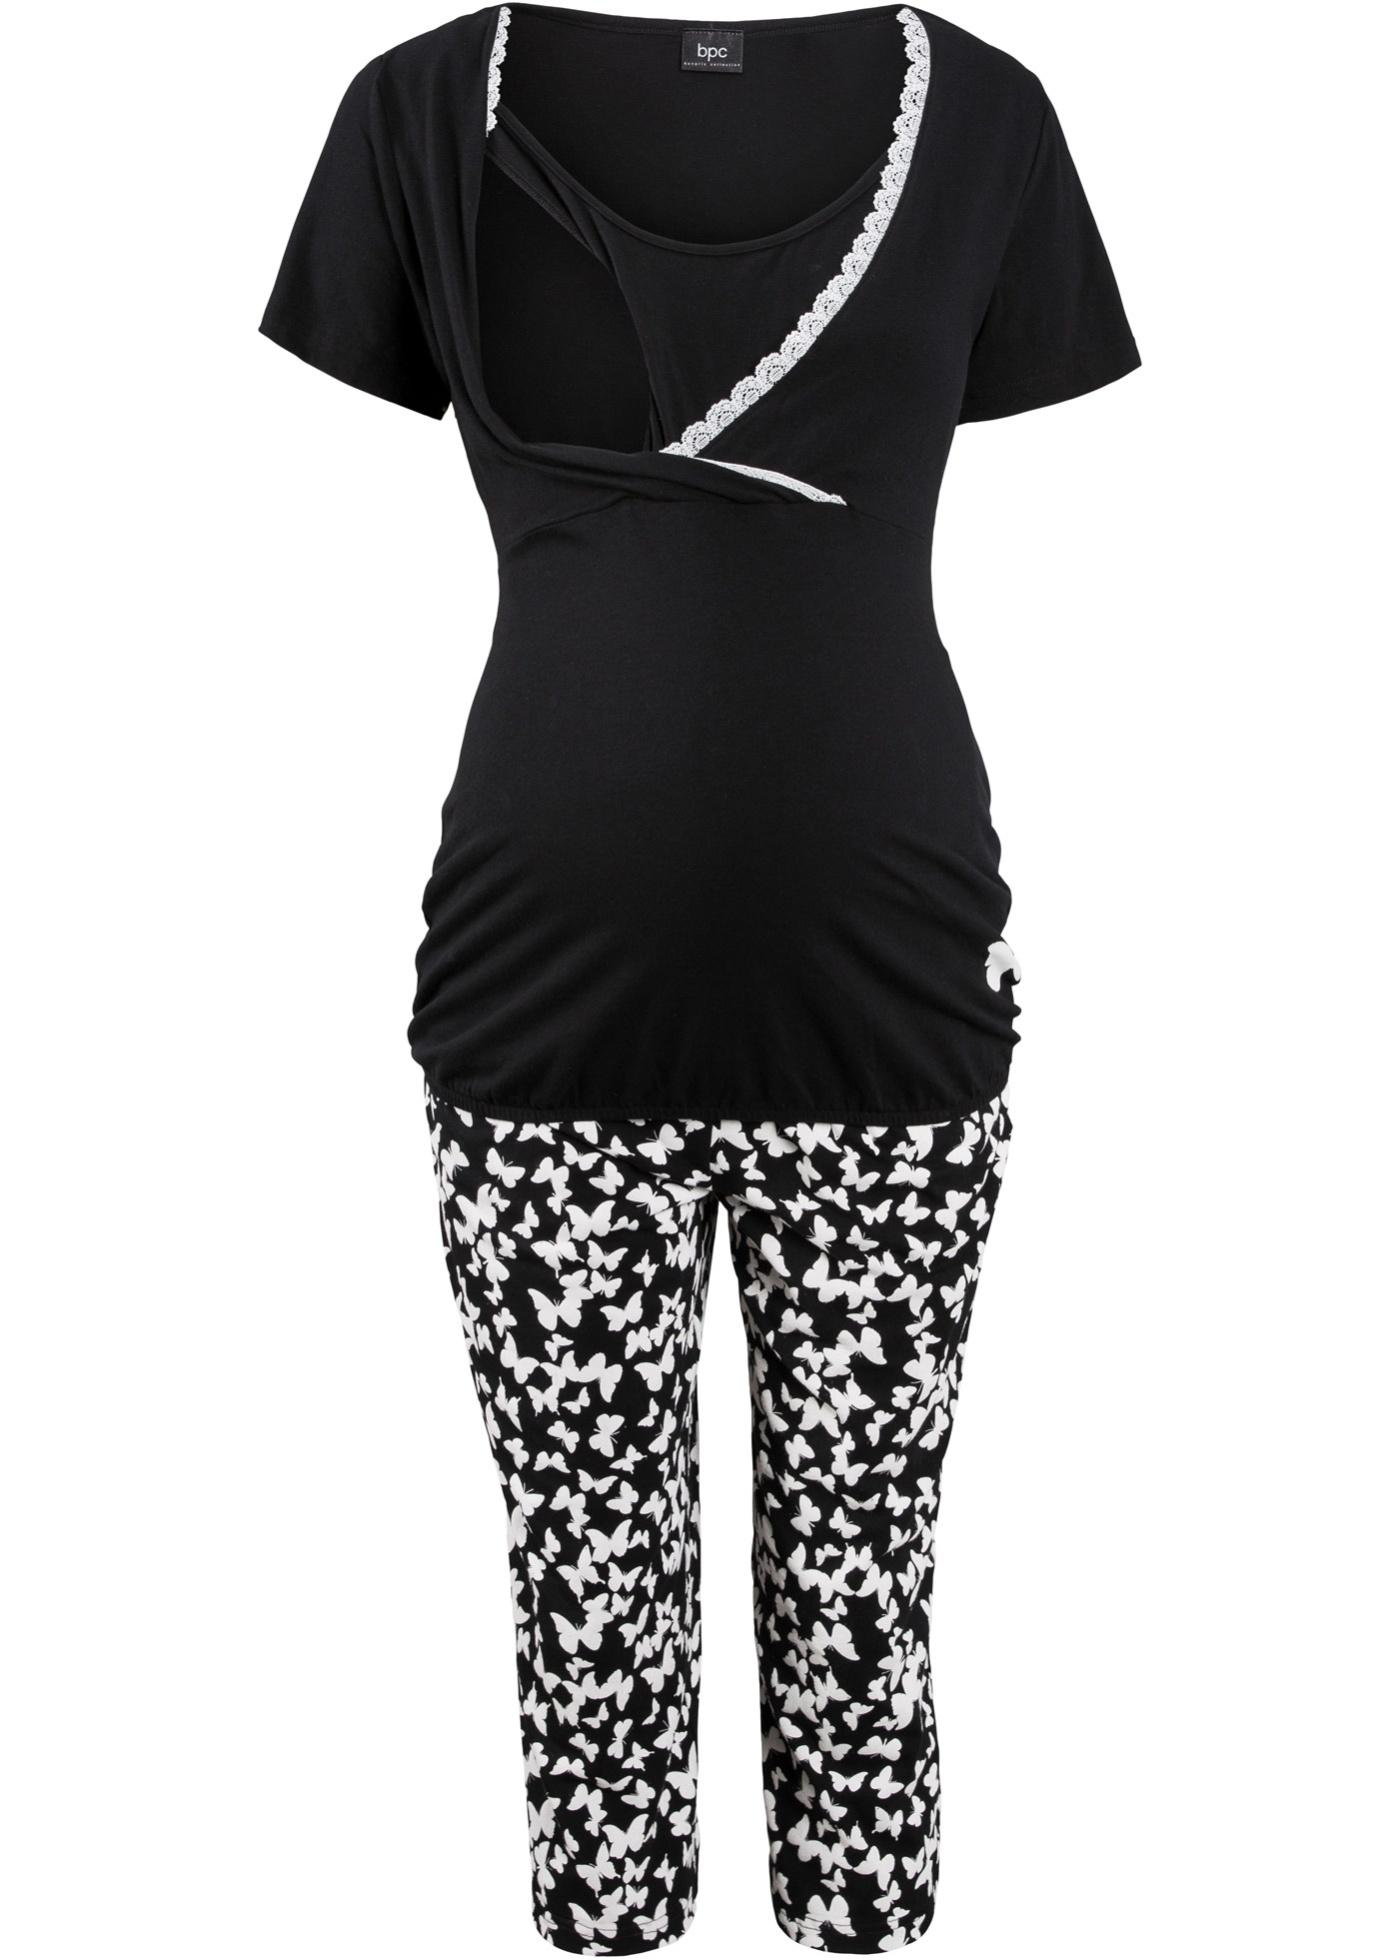 Femme Noir Size Courtes Bonprix Pour CollectionNice Bpc D'allaitement Manches Pyjama Corsaire cqS54AR3jL